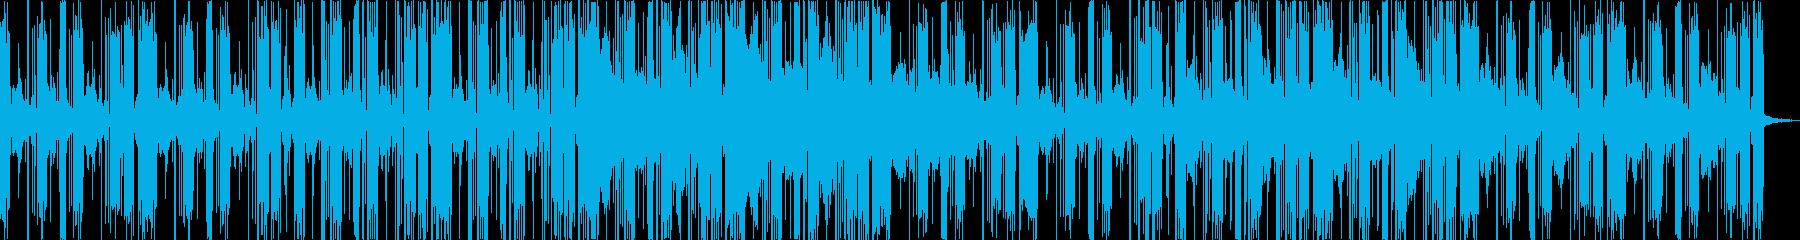 のんびりとしたエレクトロニカ。の再生済みの波形